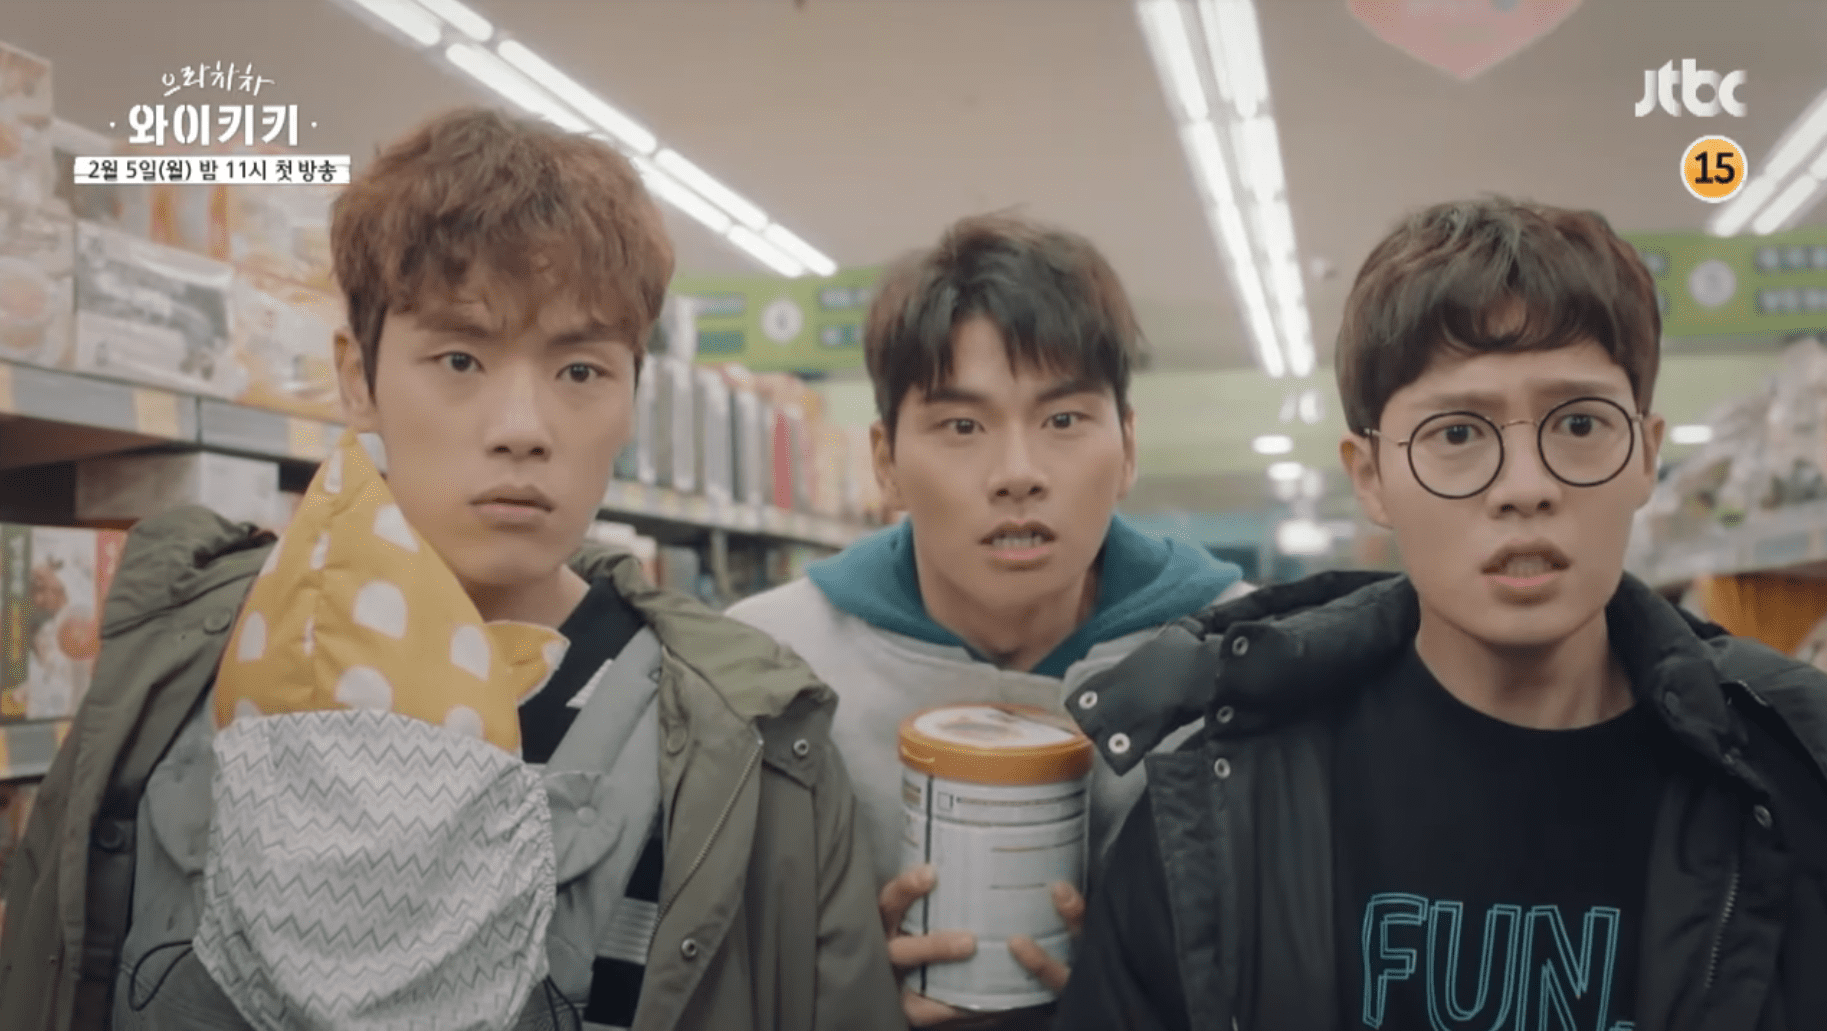 """Kim Jung Hyun y sus amigos muestran un lado cómico de la juventud en el trailer para """"Waikiki"""""""